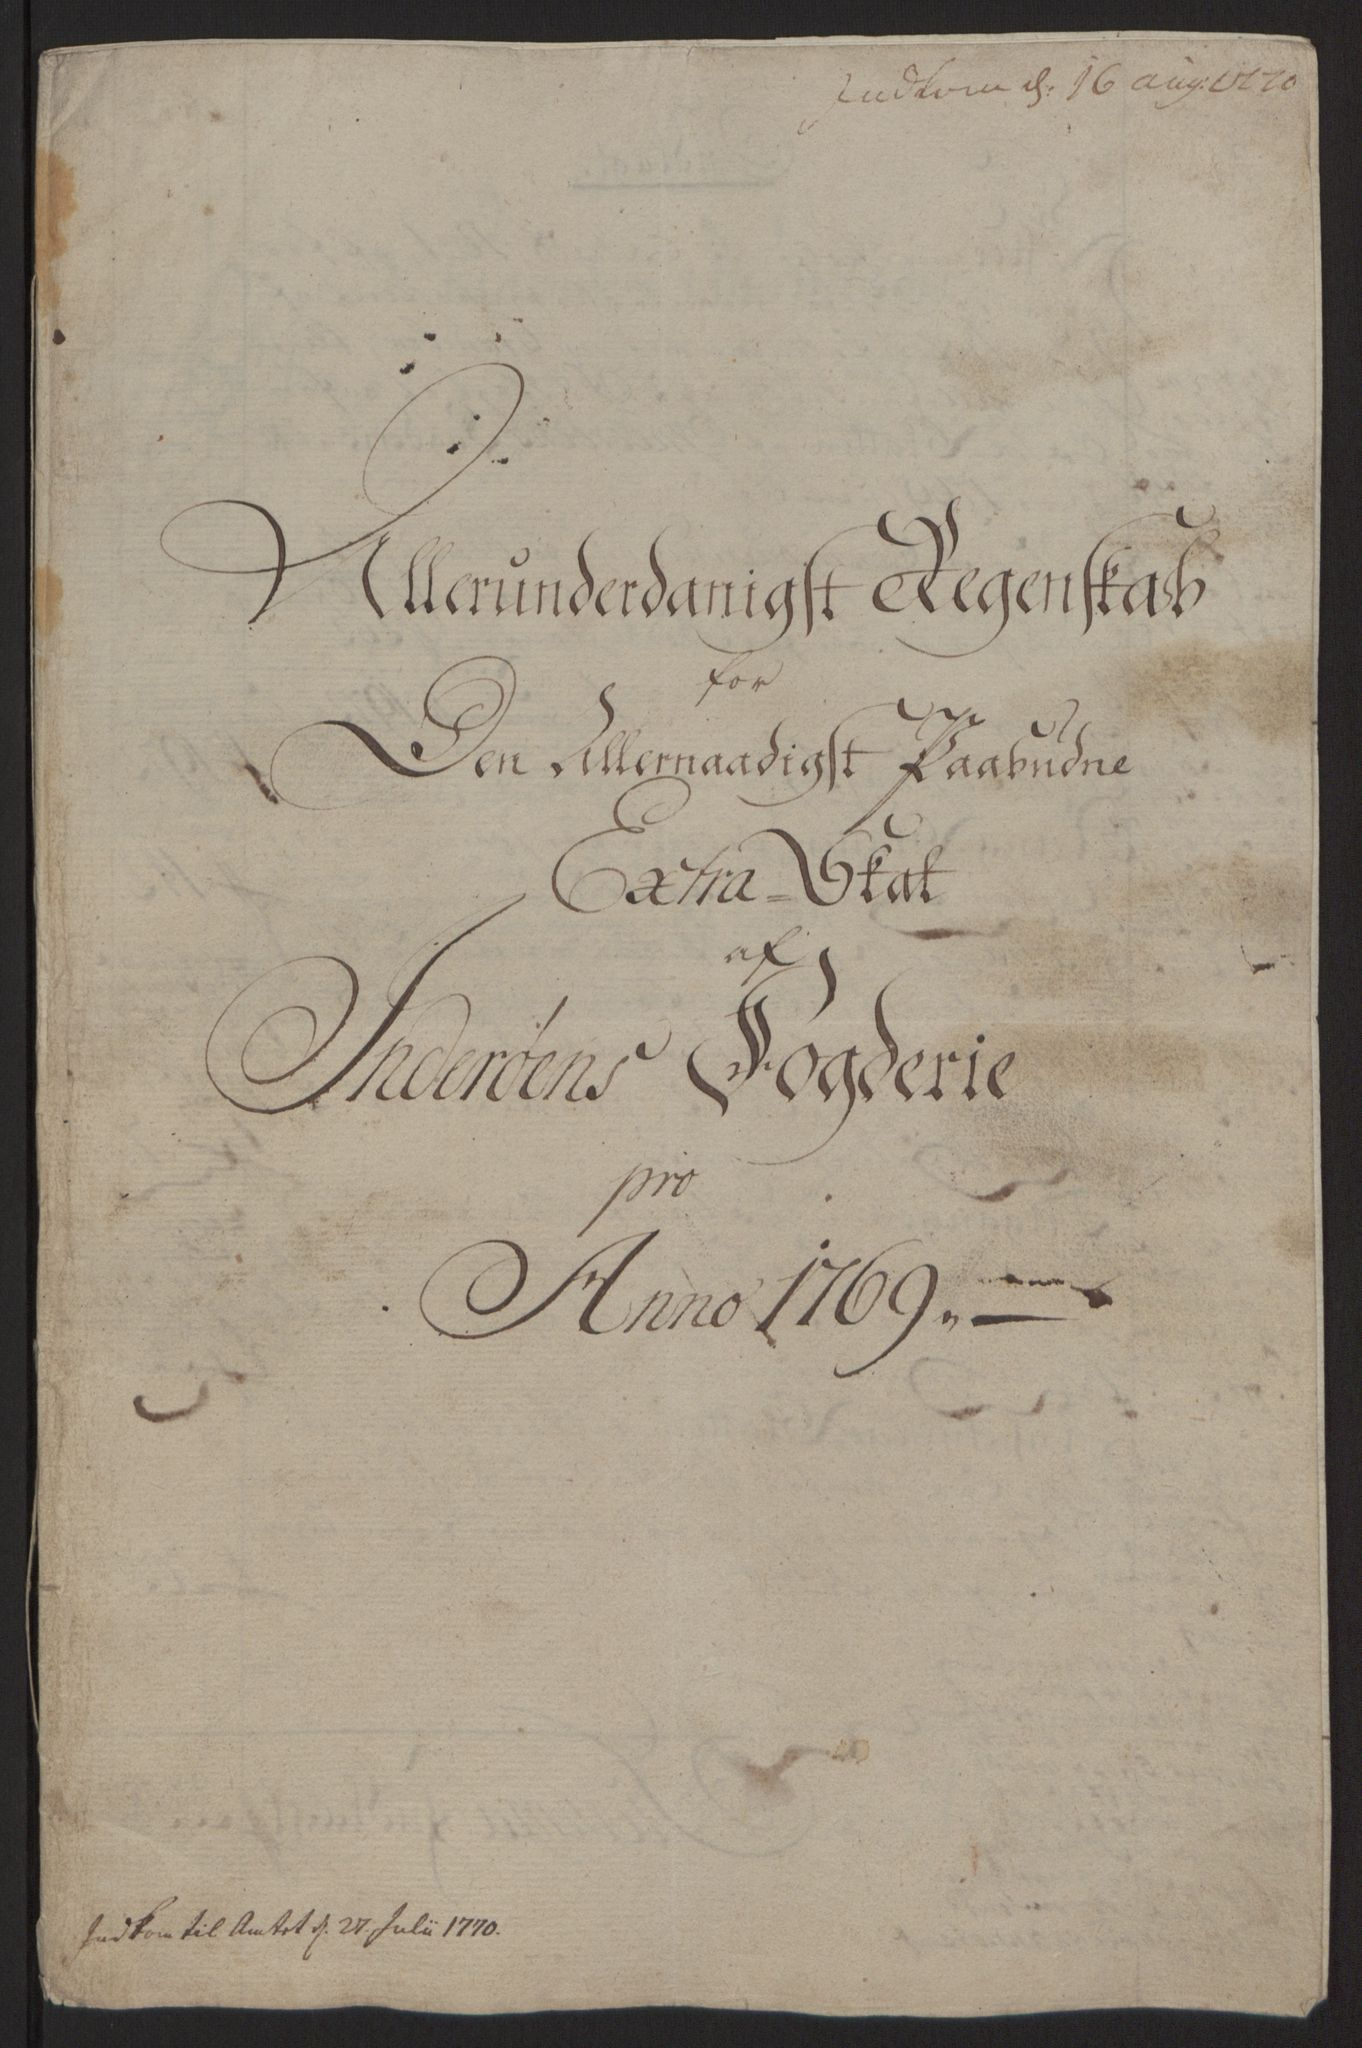 RA, Rentekammeret inntil 1814, Reviderte regnskaper, Fogderegnskap, R63/L4420: Ekstraskatten Inderøy, 1762-1772, s. 342